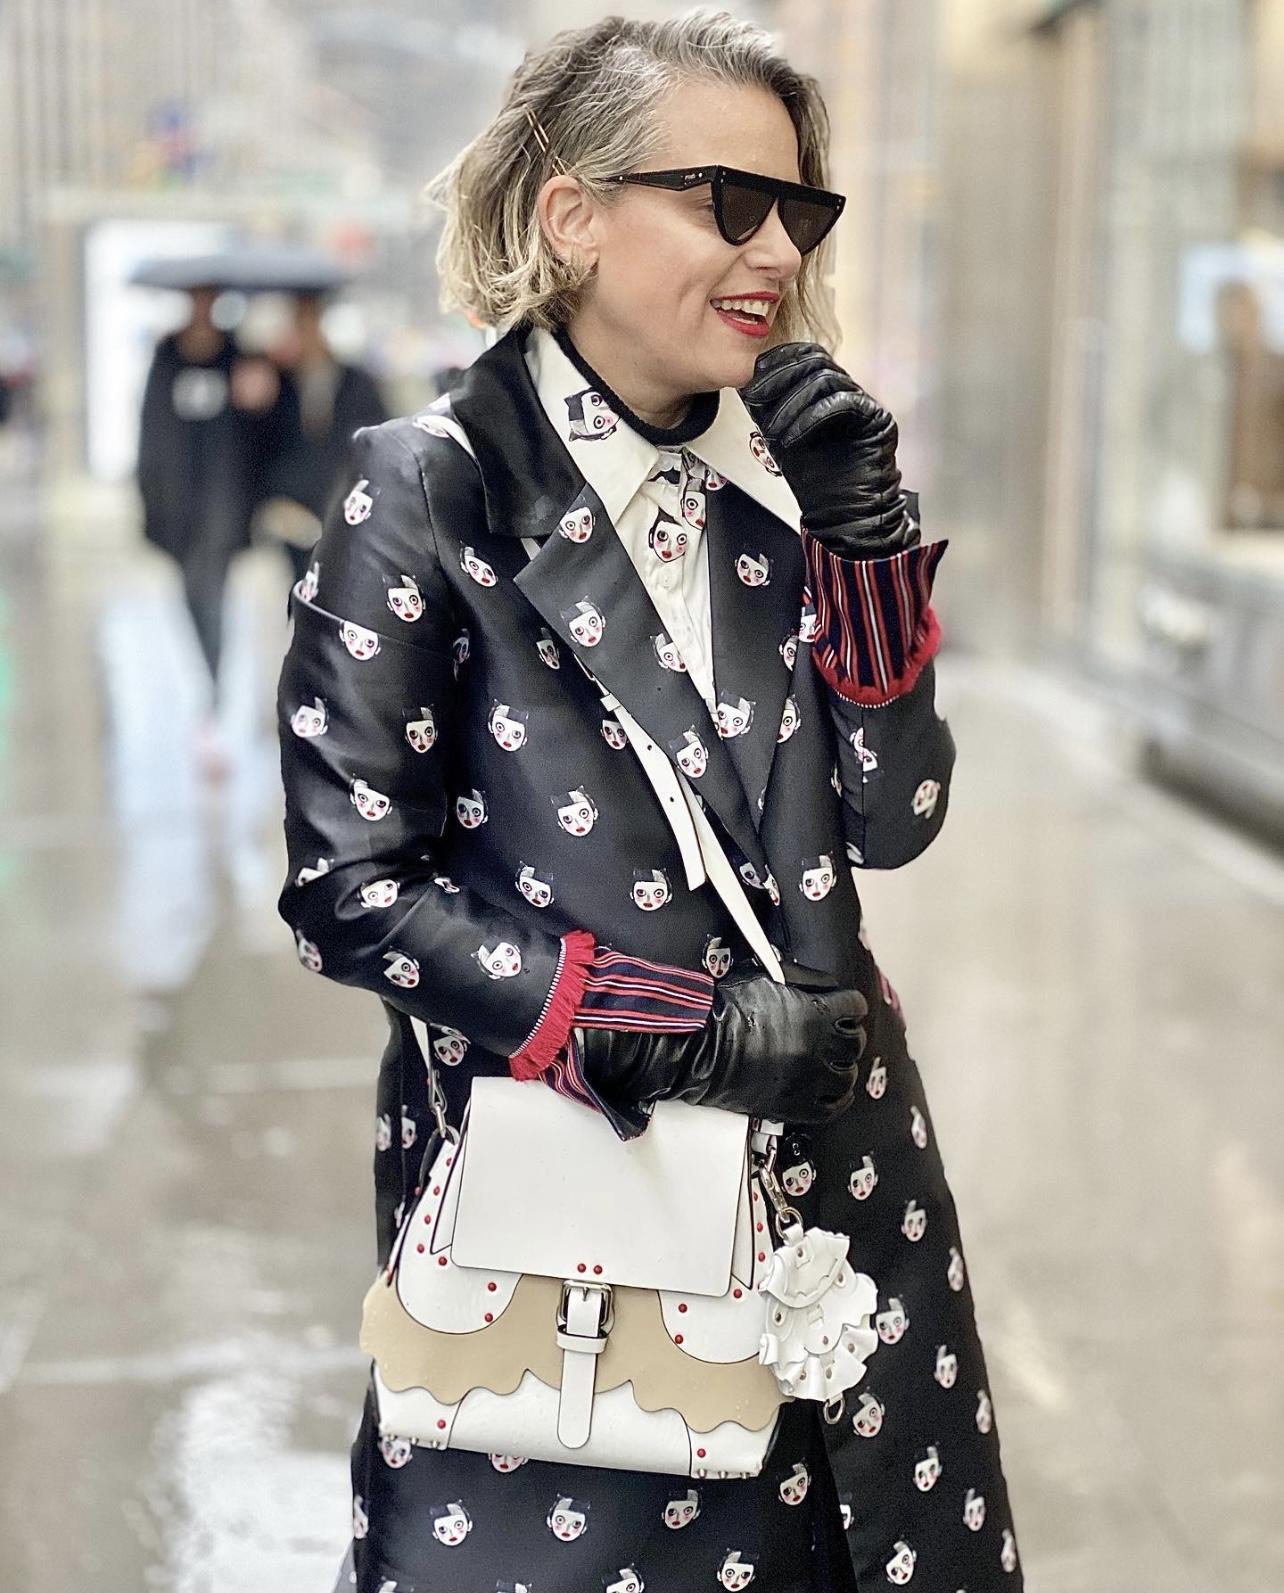 שבוע האופנה ניו יורק שירי ויצנר אורנה חיות בלוג חיפאית צילום אורנה חיות1